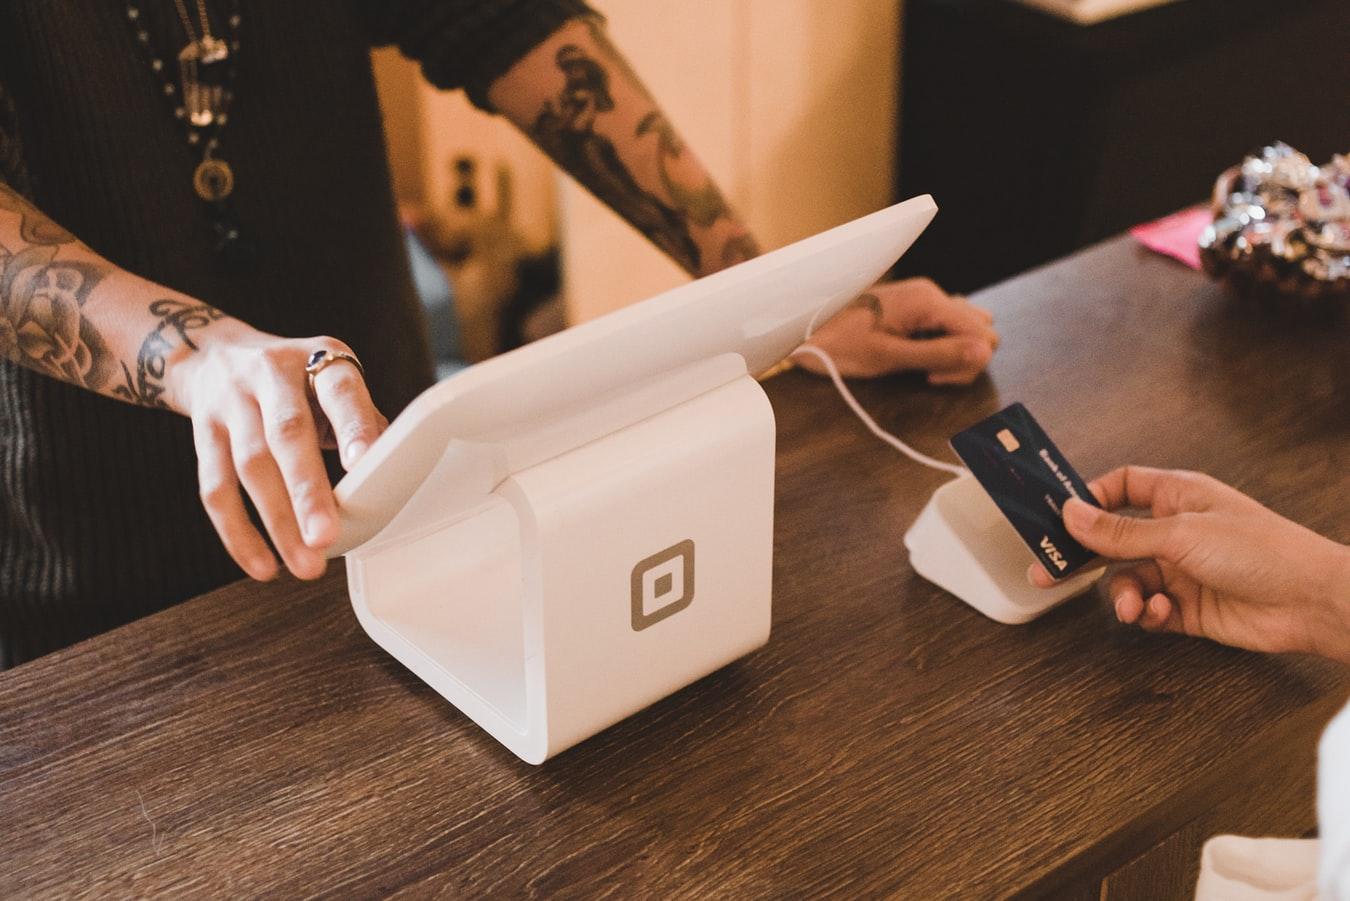 Santander Consumer Bank wprowadził nowe, wyższe zwroty za wybrane zakupy dla posiadaczy Visa TurboKARTY